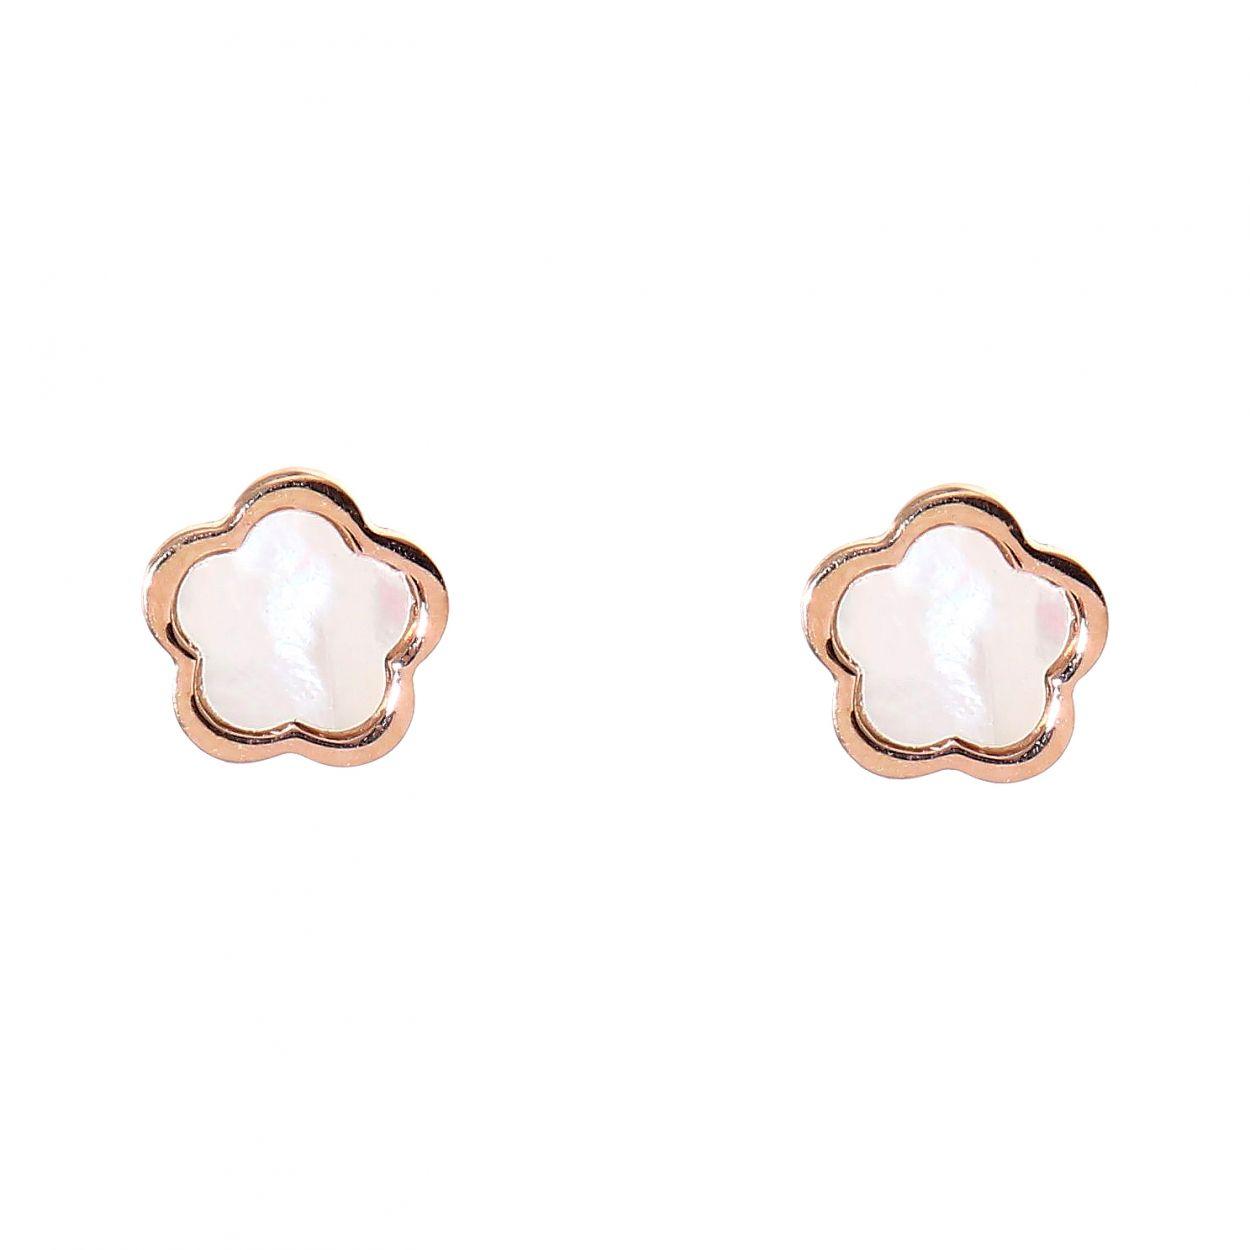 Boucles d oreilles clouargent rhodié fleur et nacre Ref. 46861 97f83e91e4e